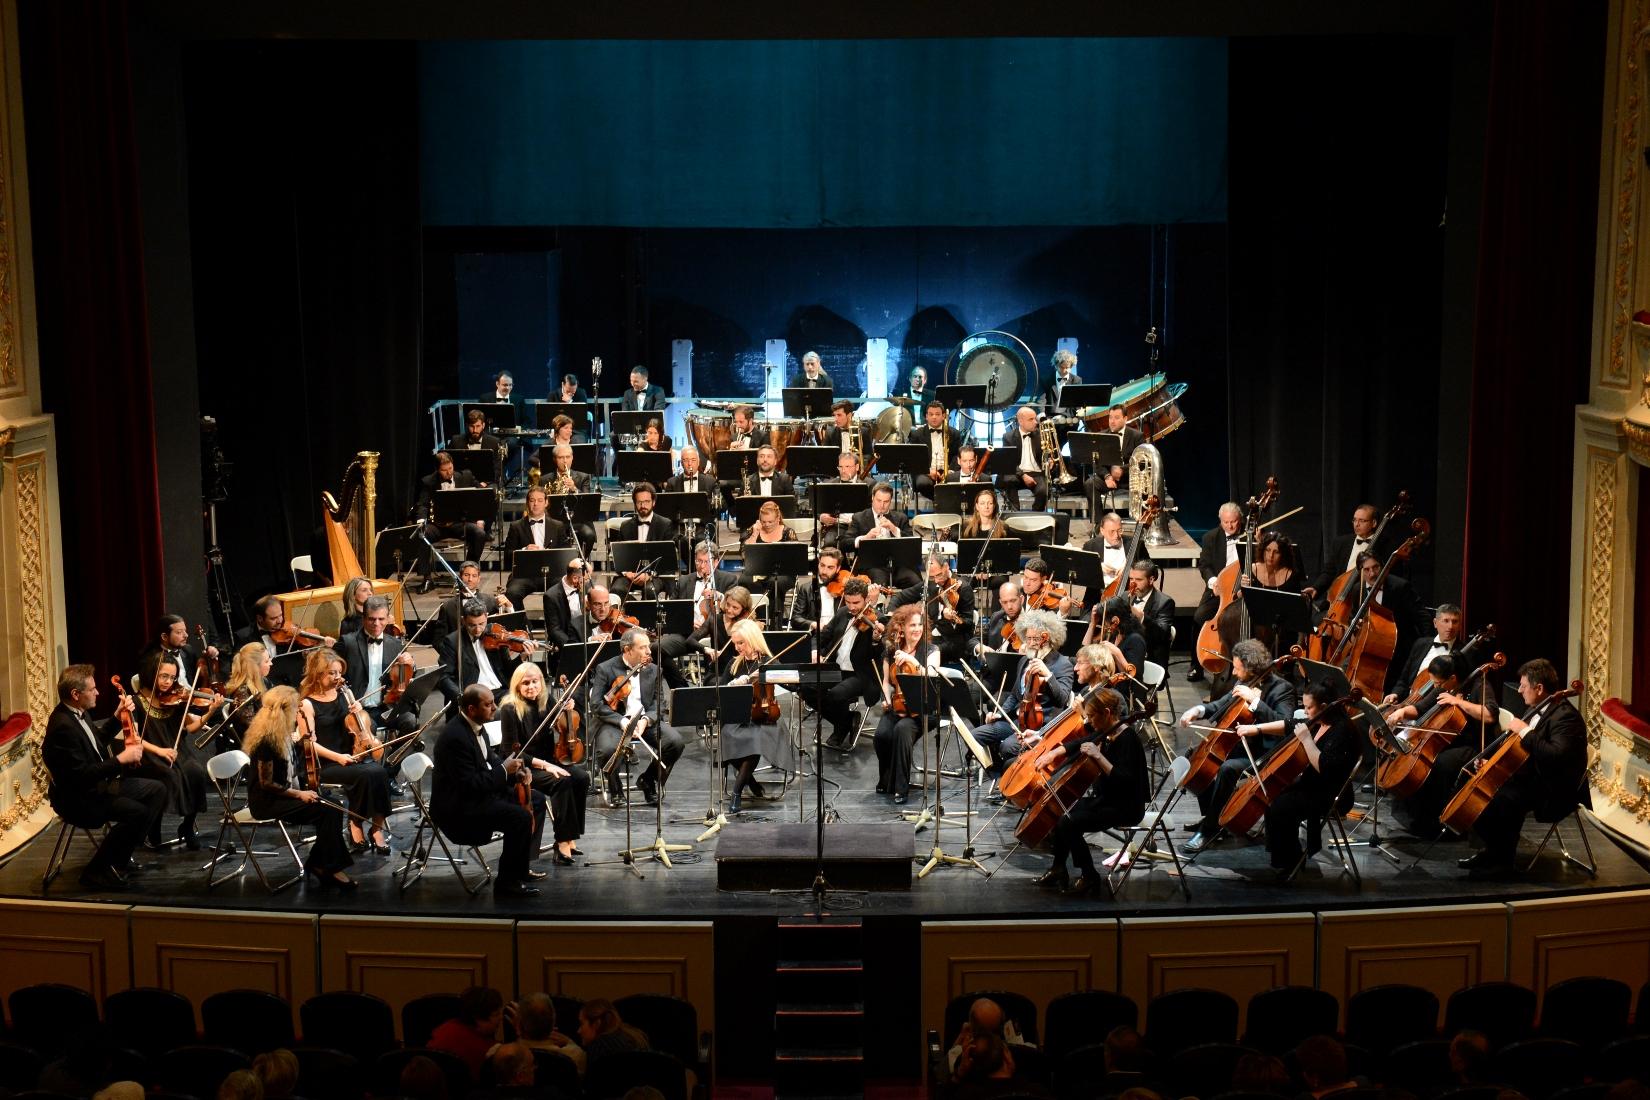 Εθνική Συμφωνική Ορχήστρα της ΕΡΤ (2)